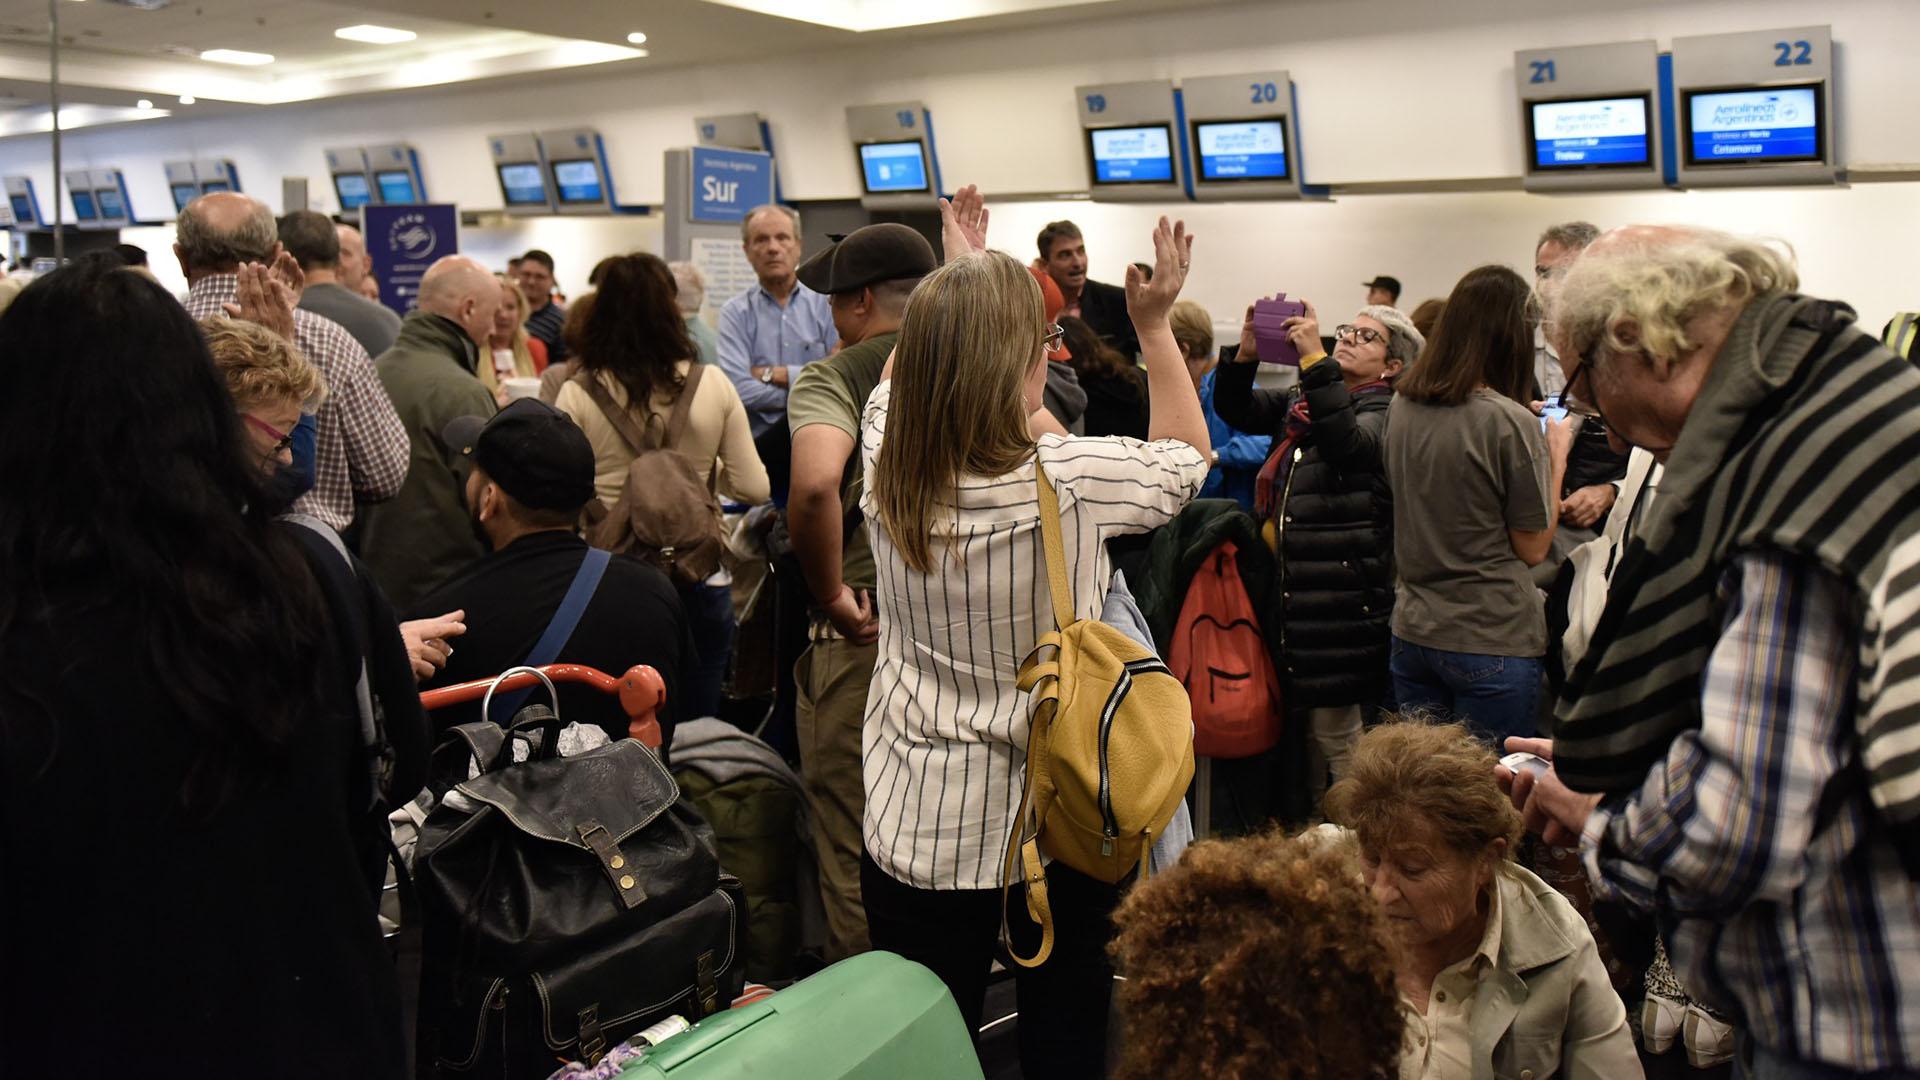 Entre hoy y mañana serán reubicados los 40 mil pasajeros afectados (fotos de archivo: Adrian Escandar)